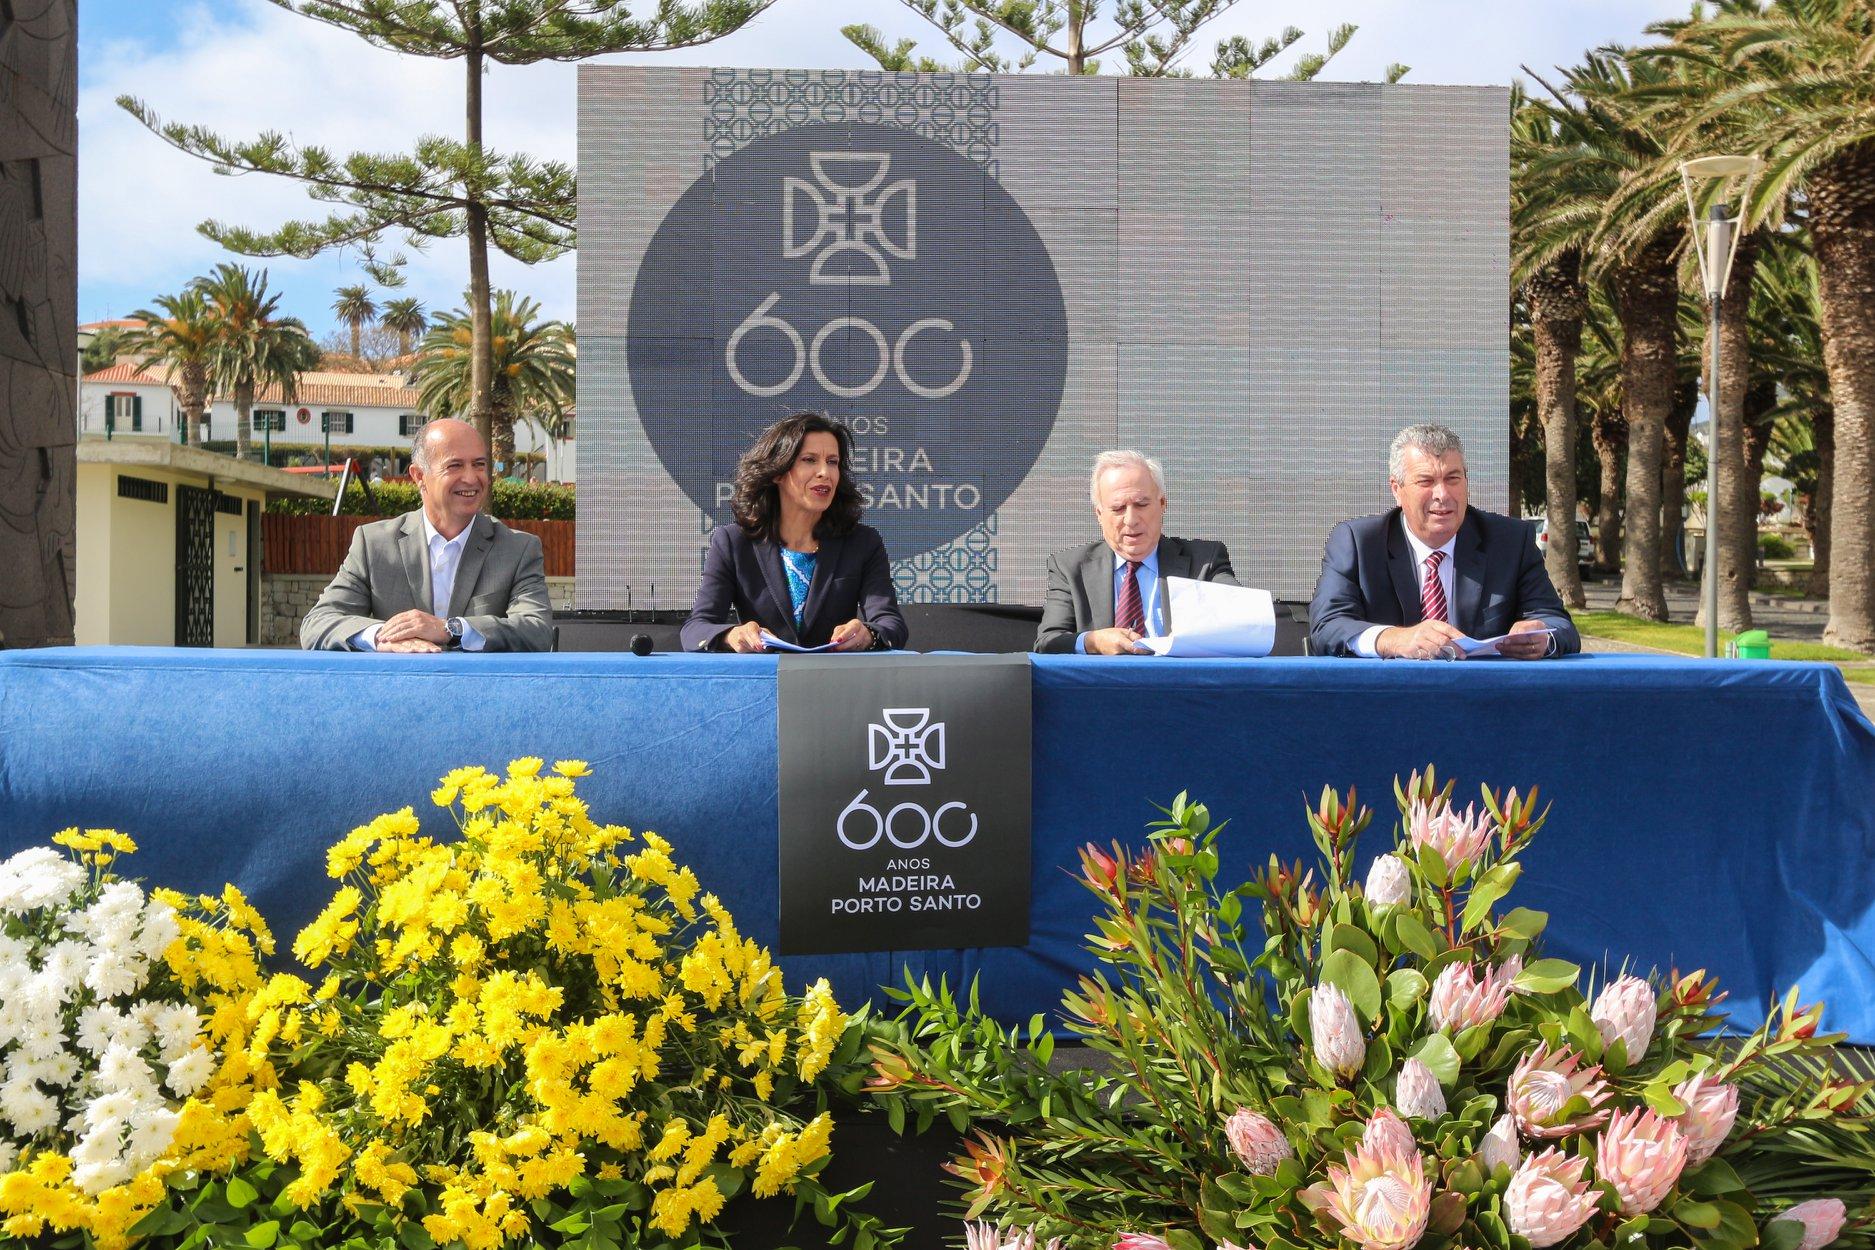 Programa Oficial dos 600 Anos apresentado no Porto Santo